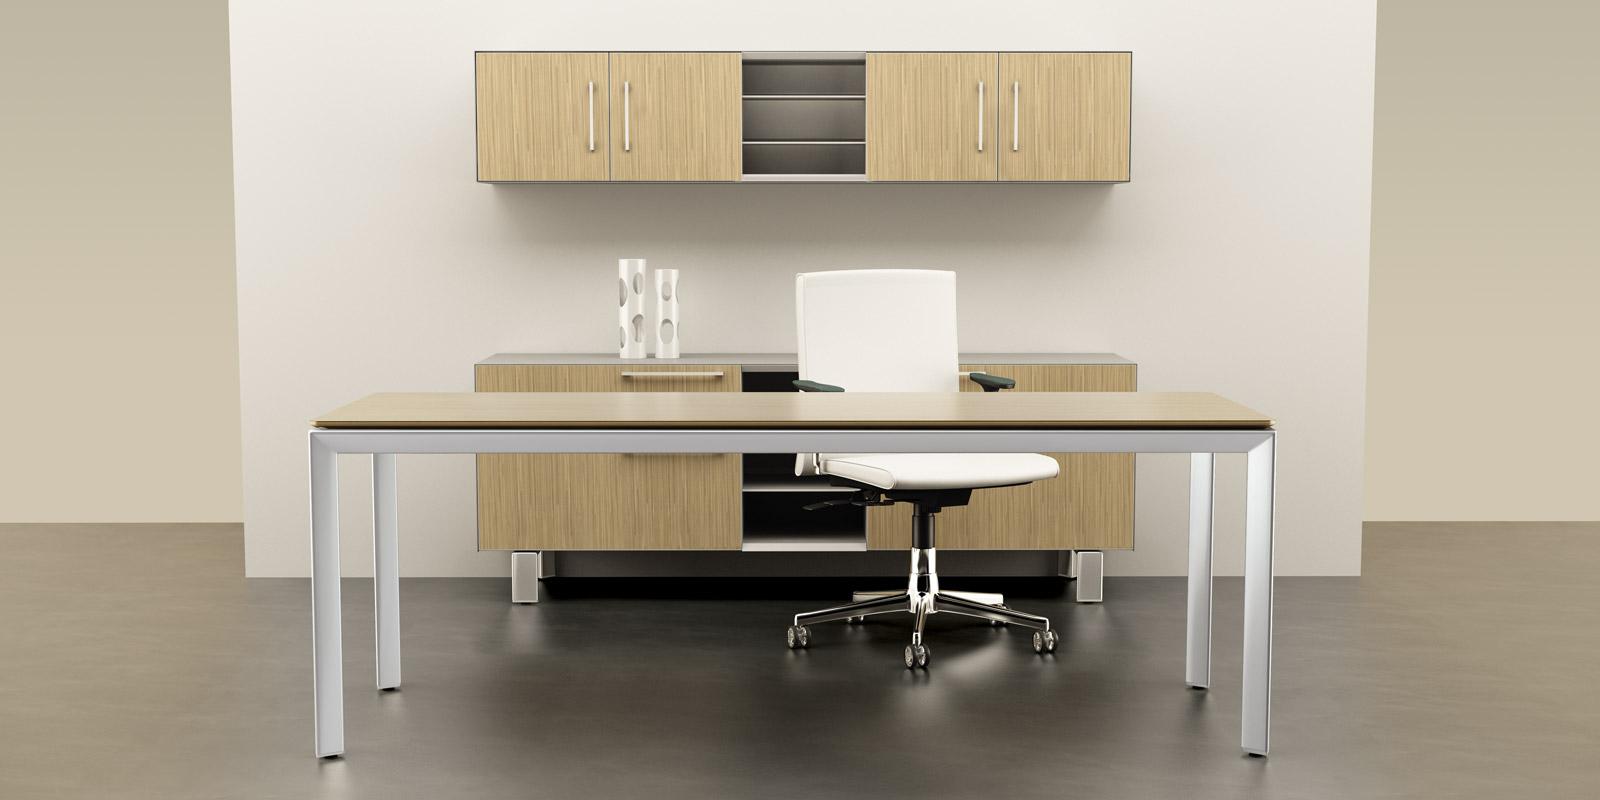 Watson Miro Modular Office Furniture - Made in America